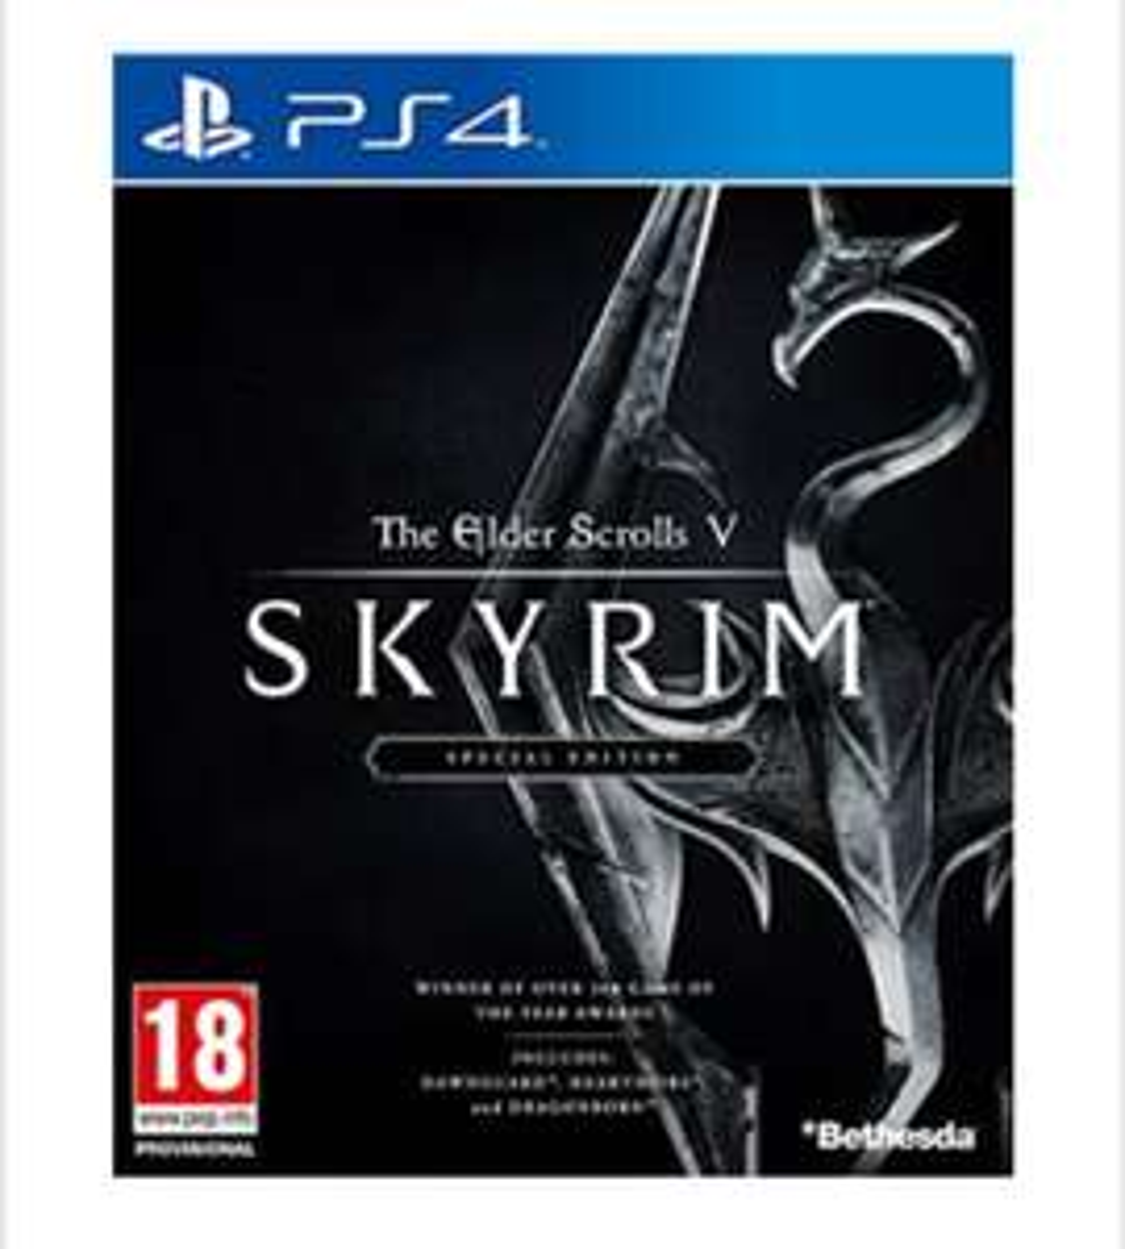 The Elder Scrolls V: Skyrim Special Edition,PS4, for £17.85 delivered @ base